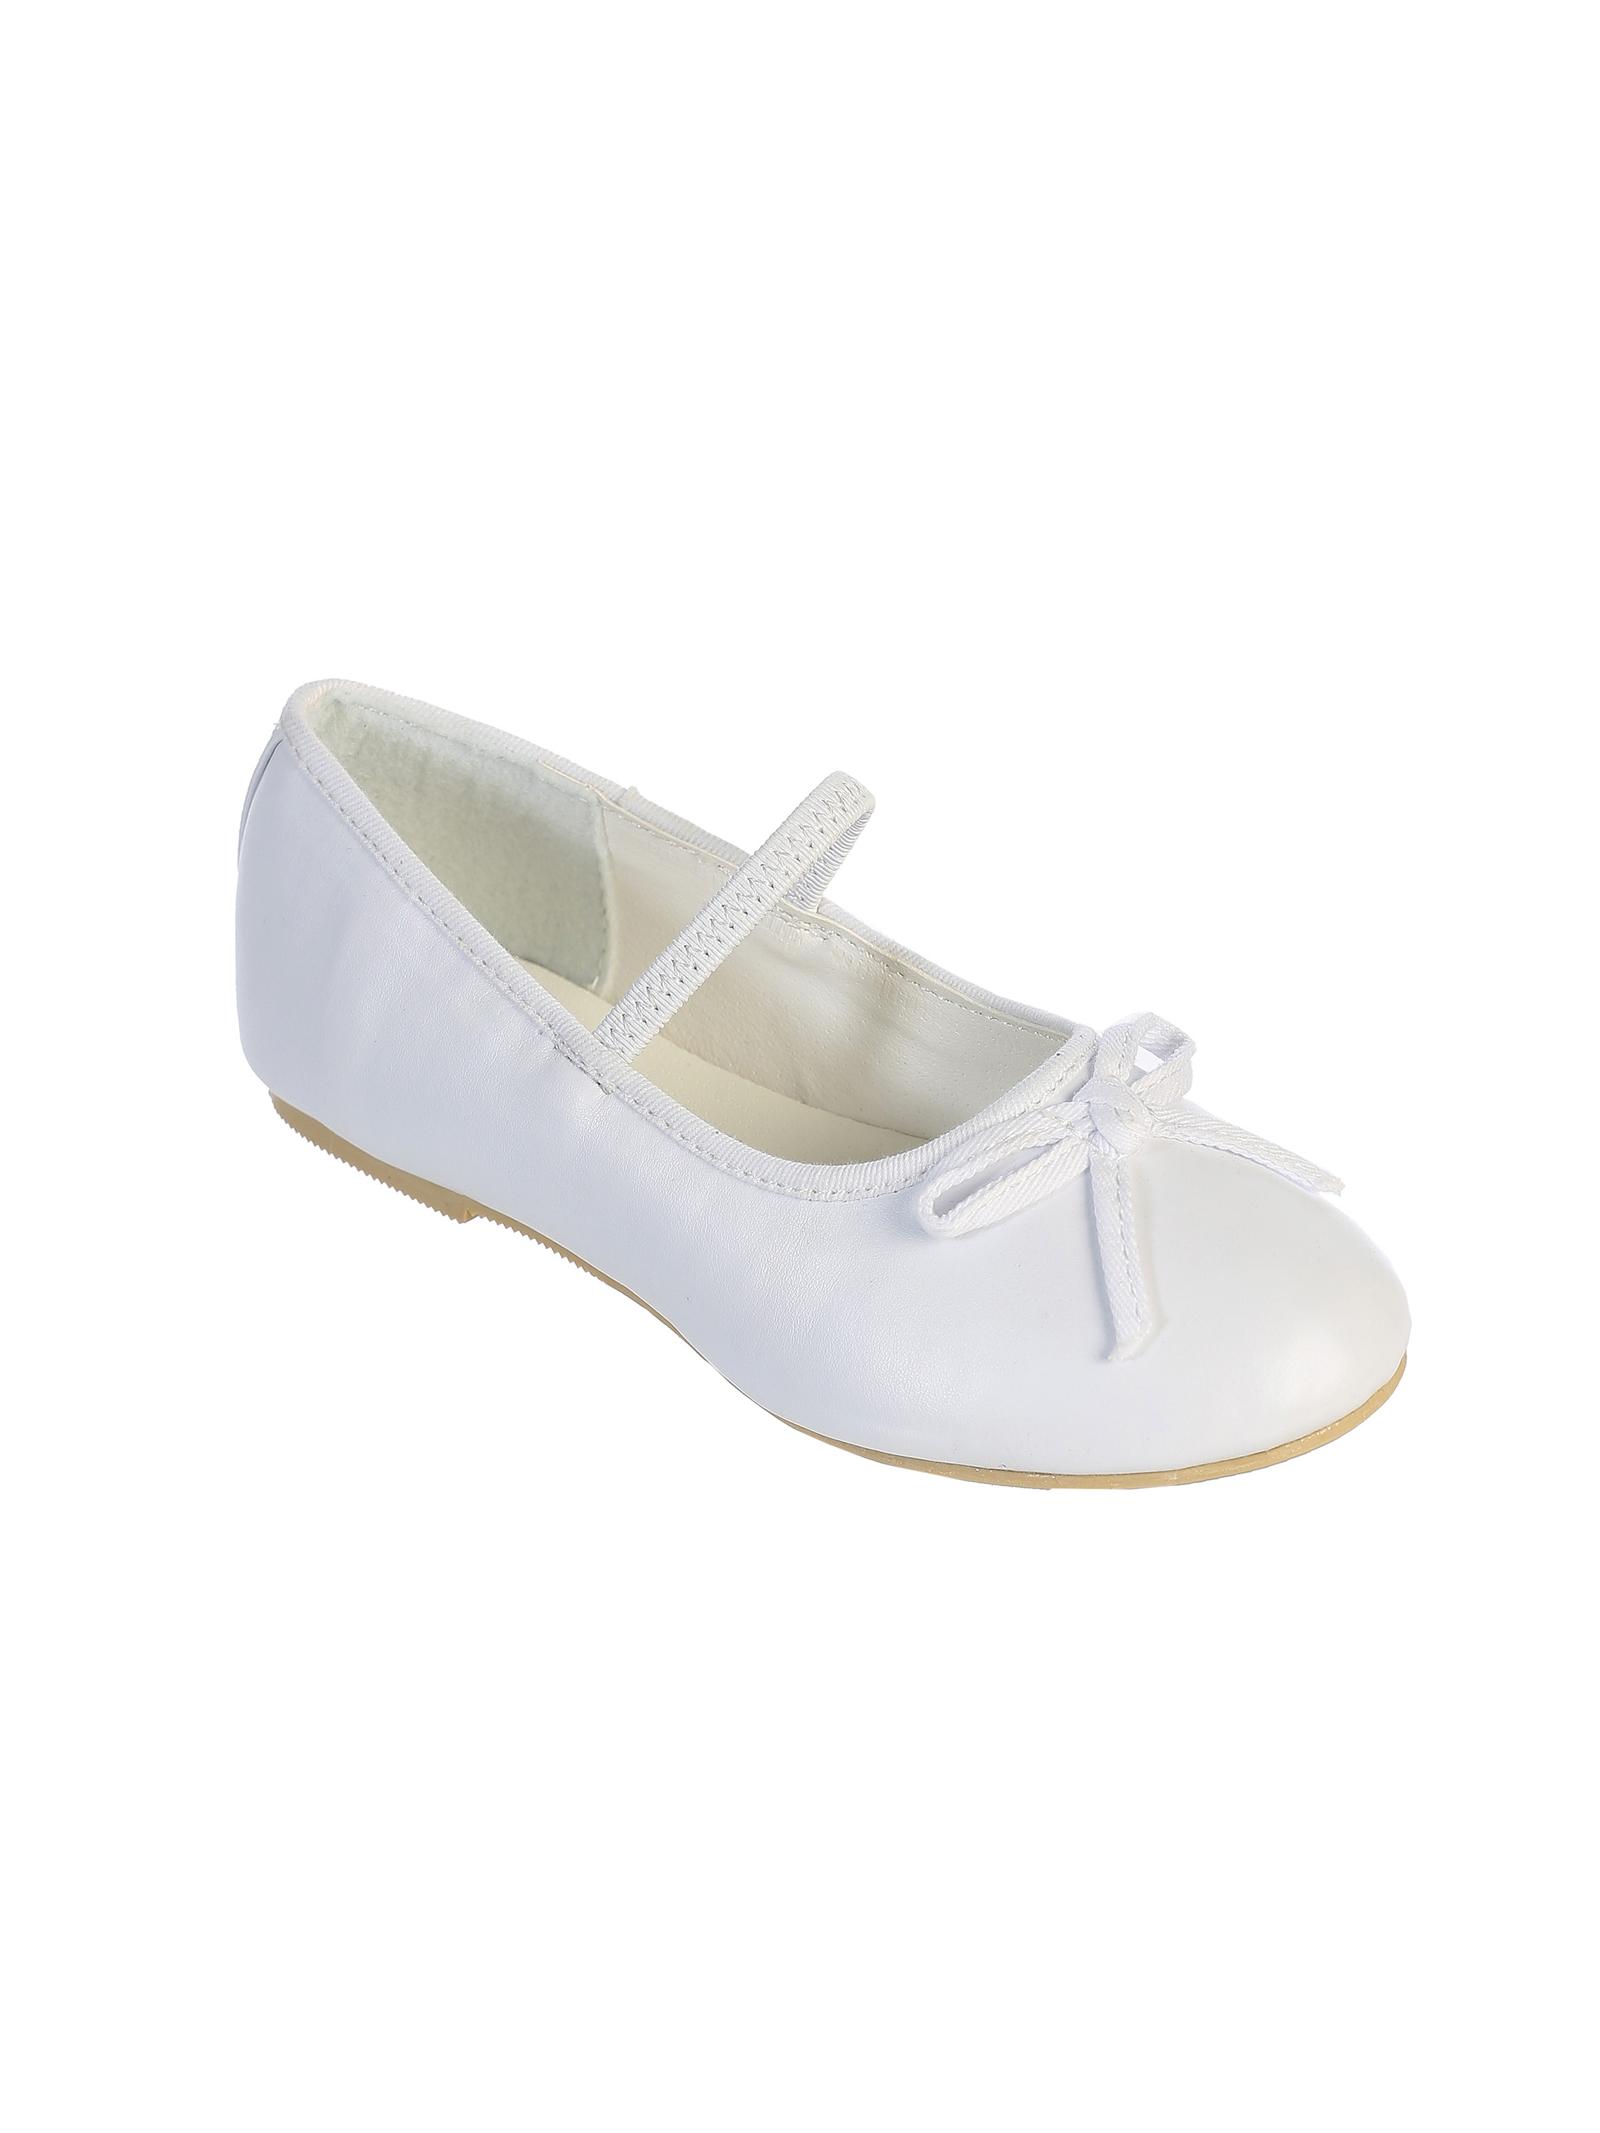 1ab0719f7 صور احذية حريمى 2019 بلارينا بنات ارضي شيك | ميكساتك